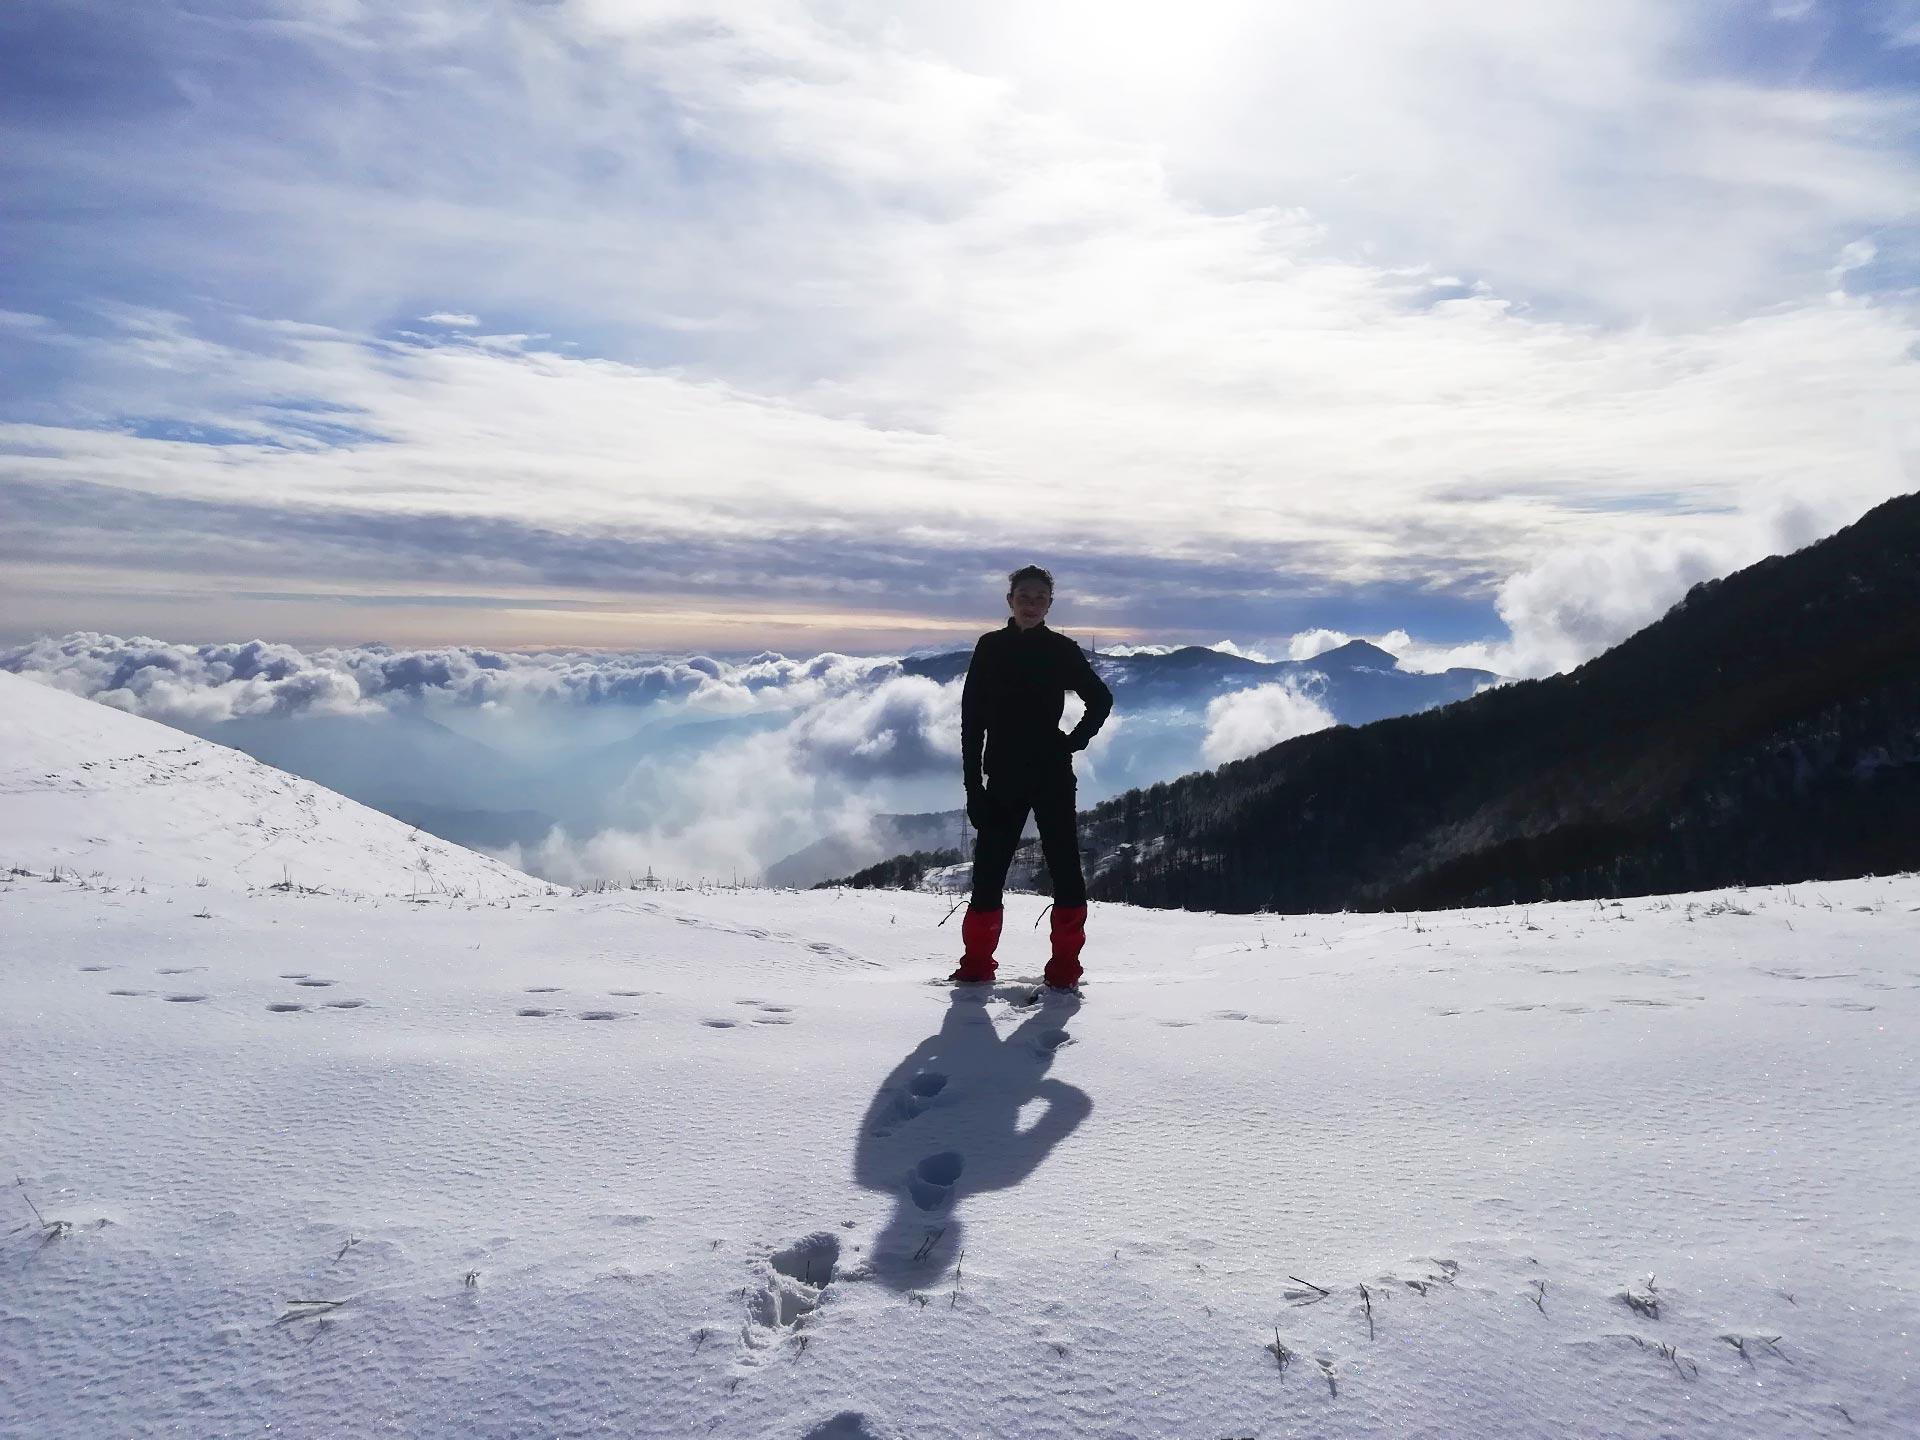 scorcio del sentiero innevato che conduce a Morterone, sullo sfondo le montegne bergamasche, Valsassina, Lombardia